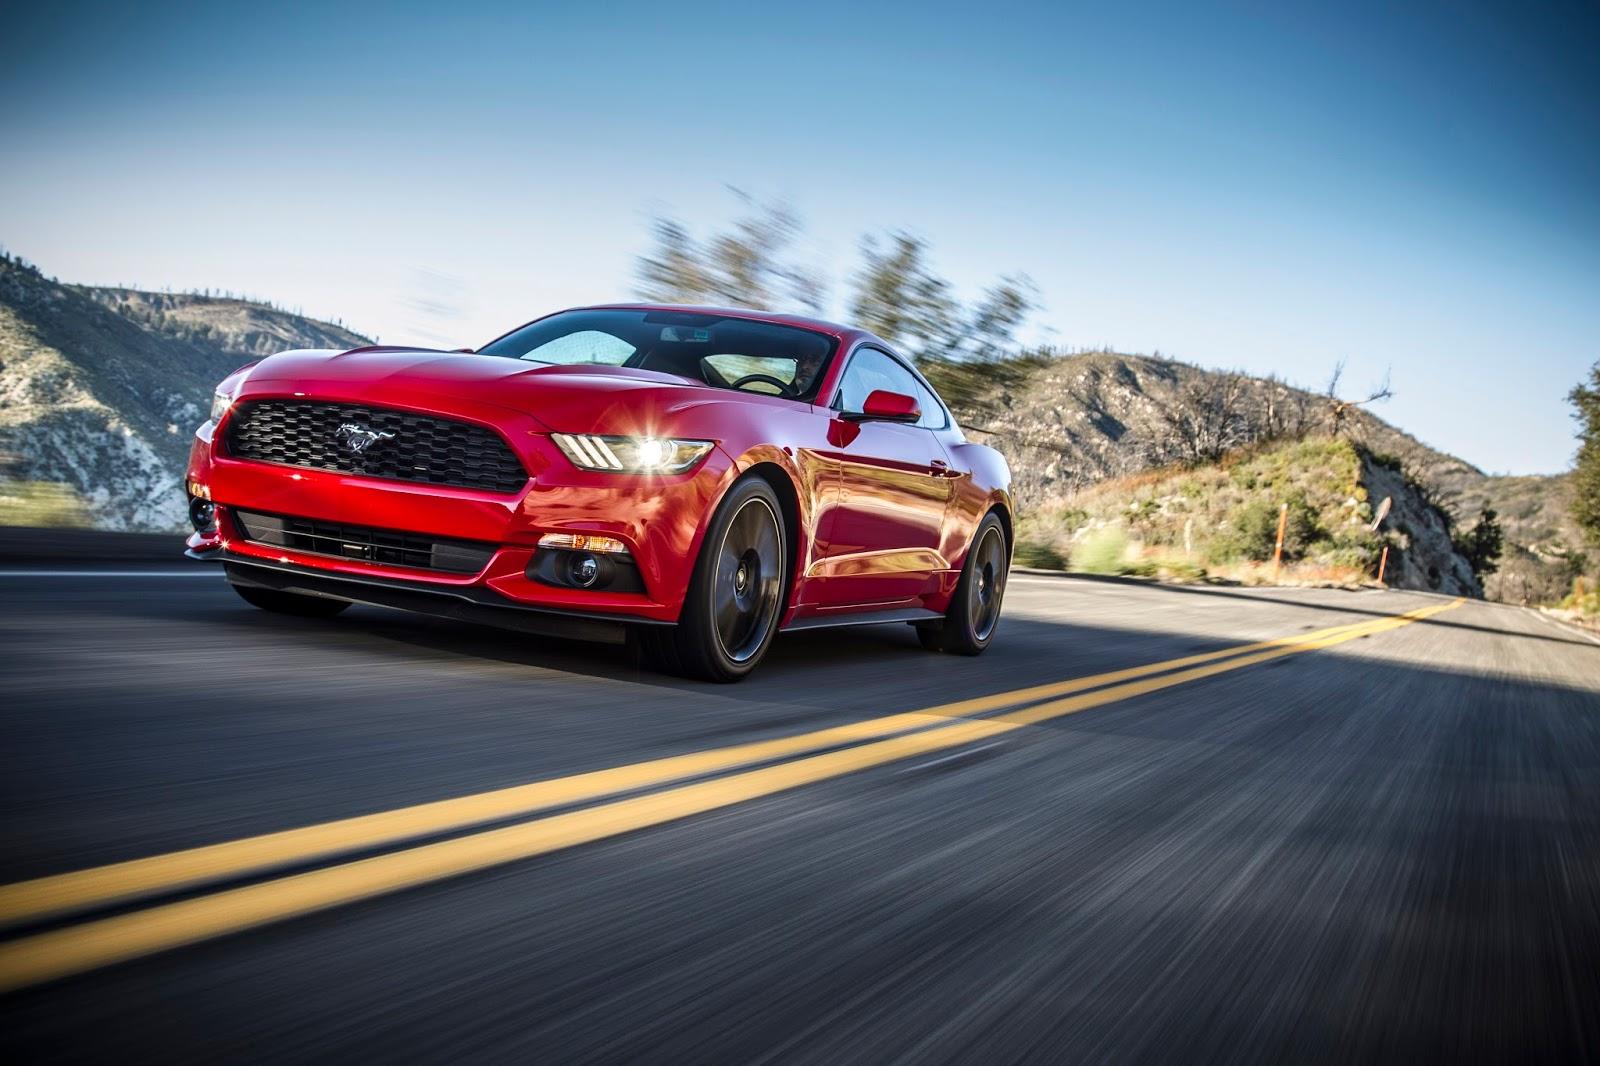 Best SellingSportsCar MustangNorthAmerica Ο... τυφώνας Ford Mustang εξαπλώνεται σε όλο τον κόσμο και ξεπουλάει! Bestseller, cabrio, Ford Mustang, Muscle cars, Sales, πωλήσεις, πωλήσεις αυτοκινήτων